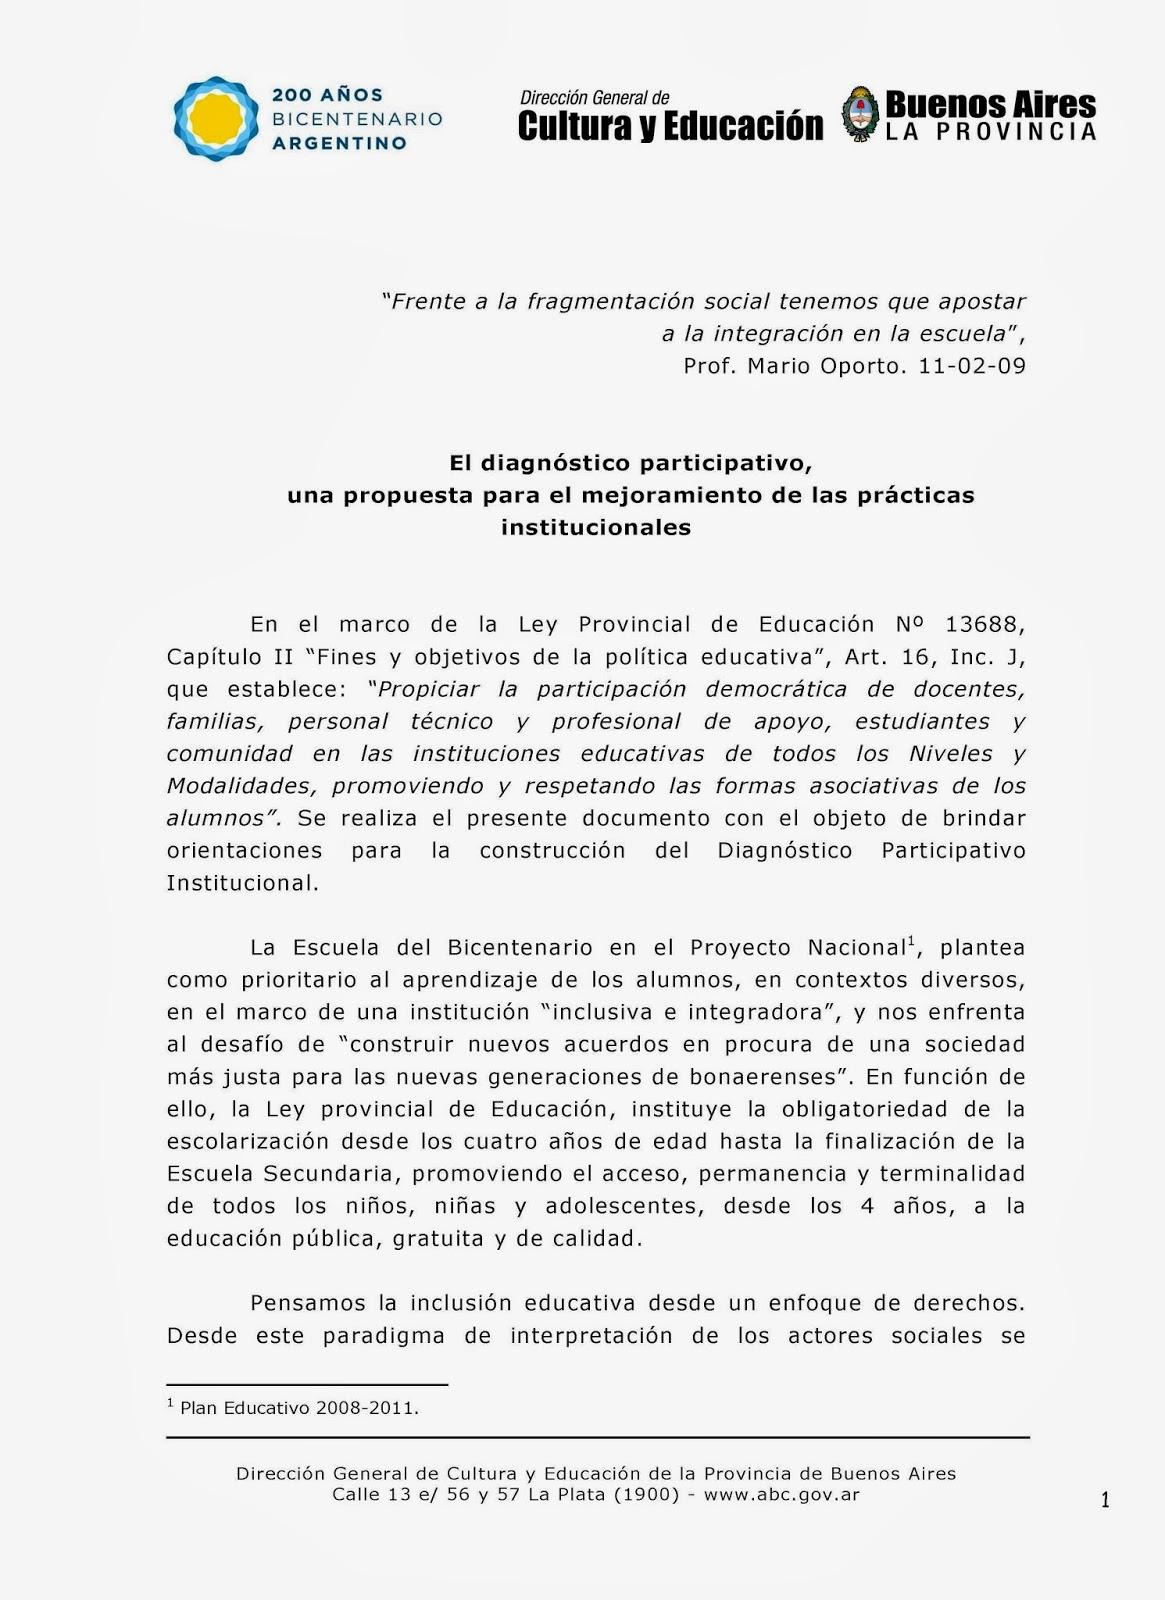 EDAIC Varela (Equipo Distrital de Alfabetización Inicial y Continua